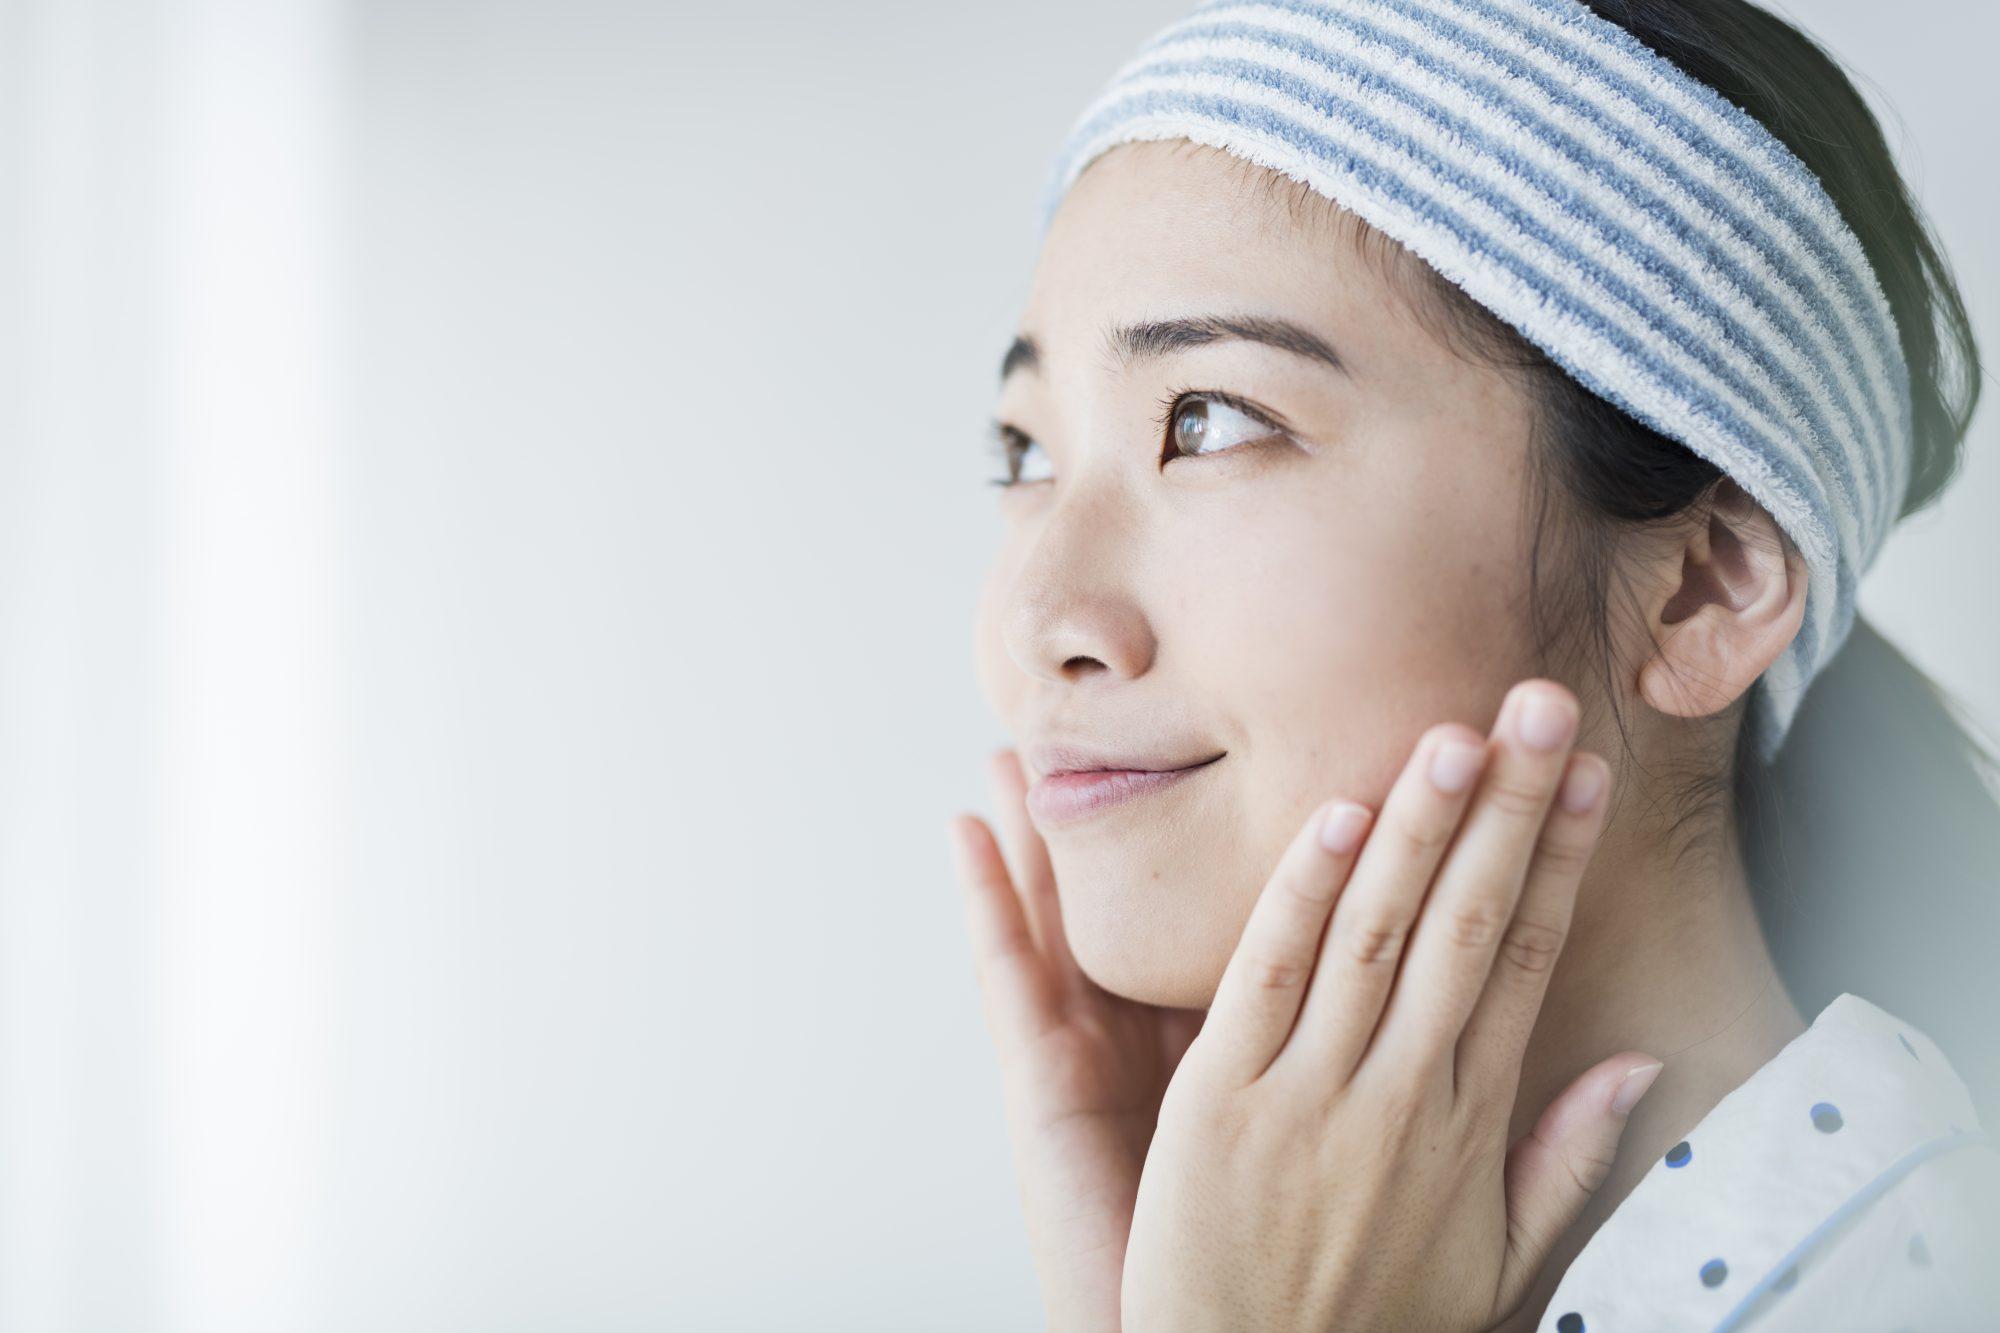 exfoliating face washes